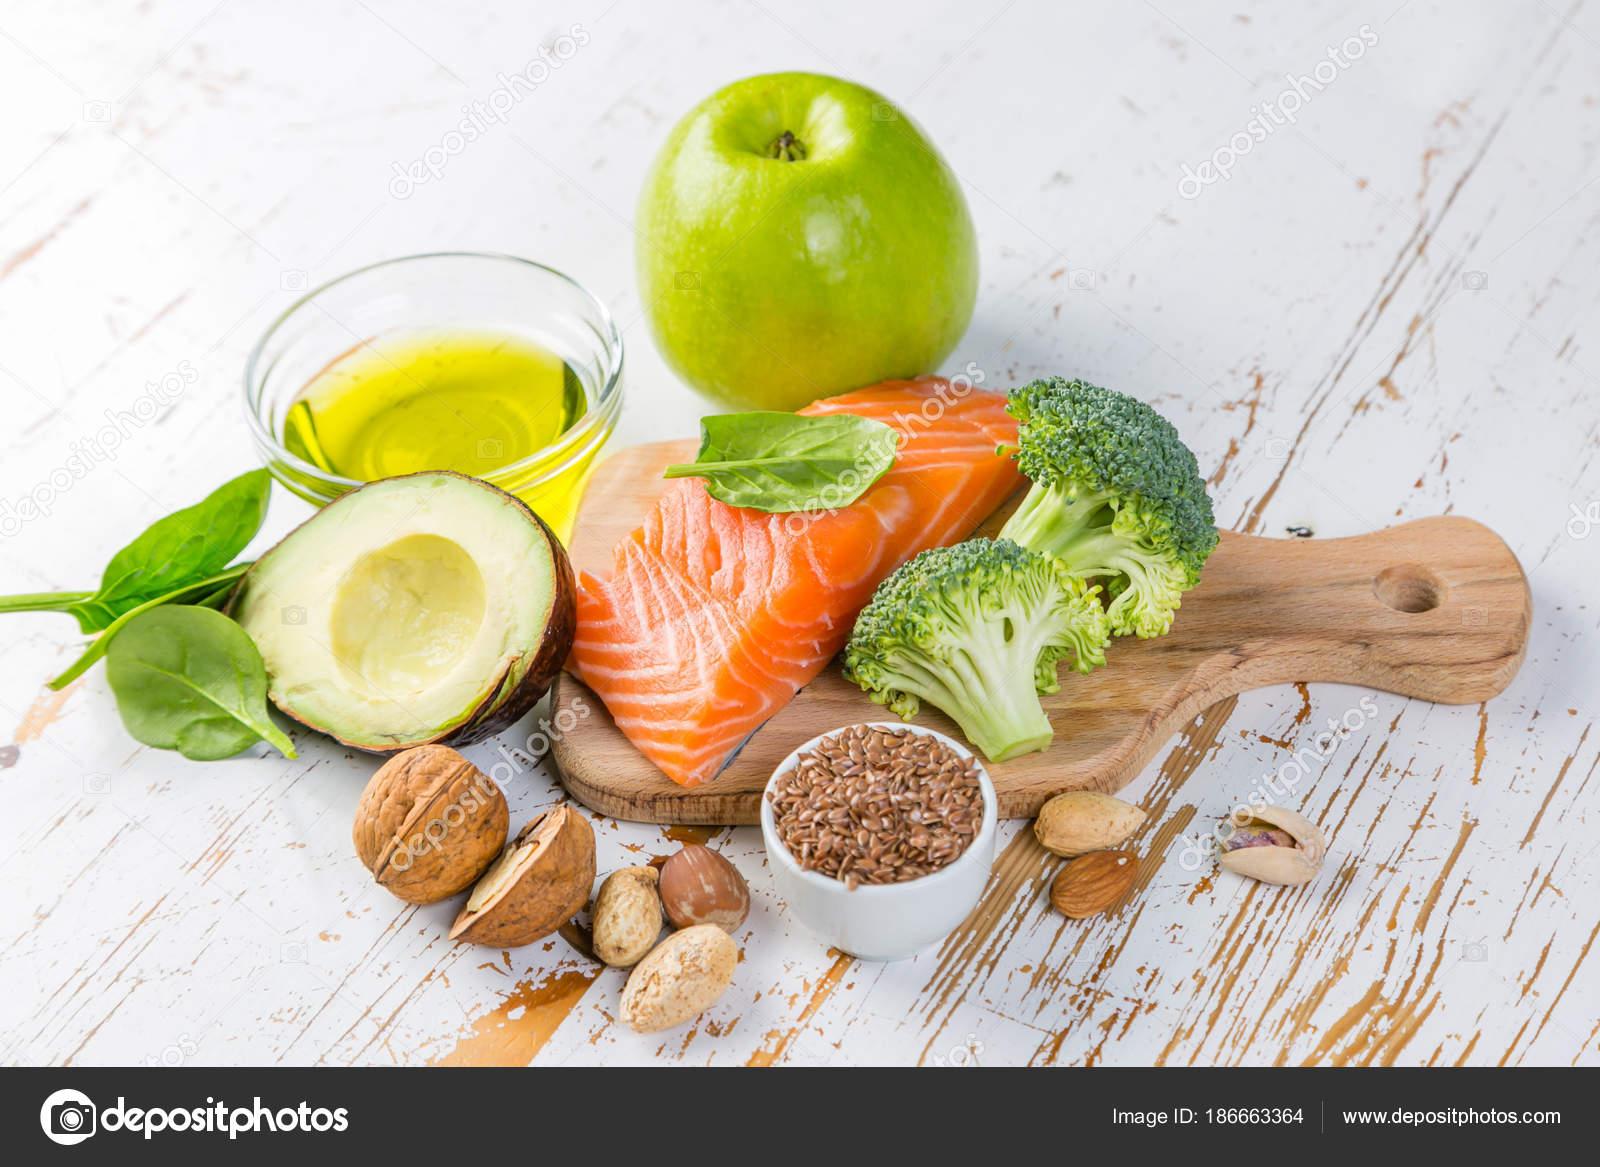 Wybor Zdrowej Zywnosci Zrodla Zdrowe Jedzenie Koncepcja Dieta